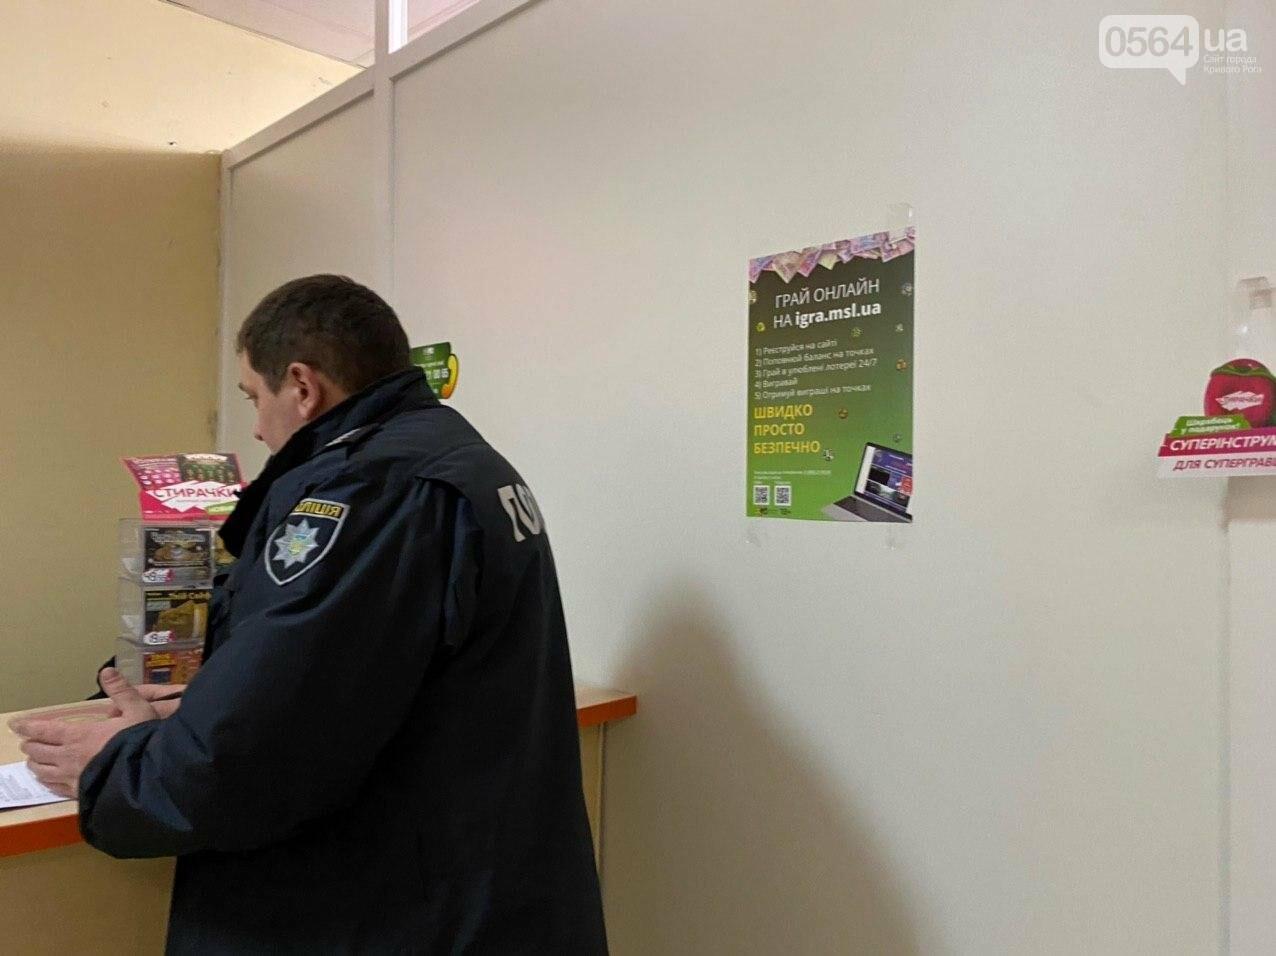 Криворожане заявили в полицию о функционировании незаконного игорного бизнеса. Идет проверка, - ФОТО , фото-4